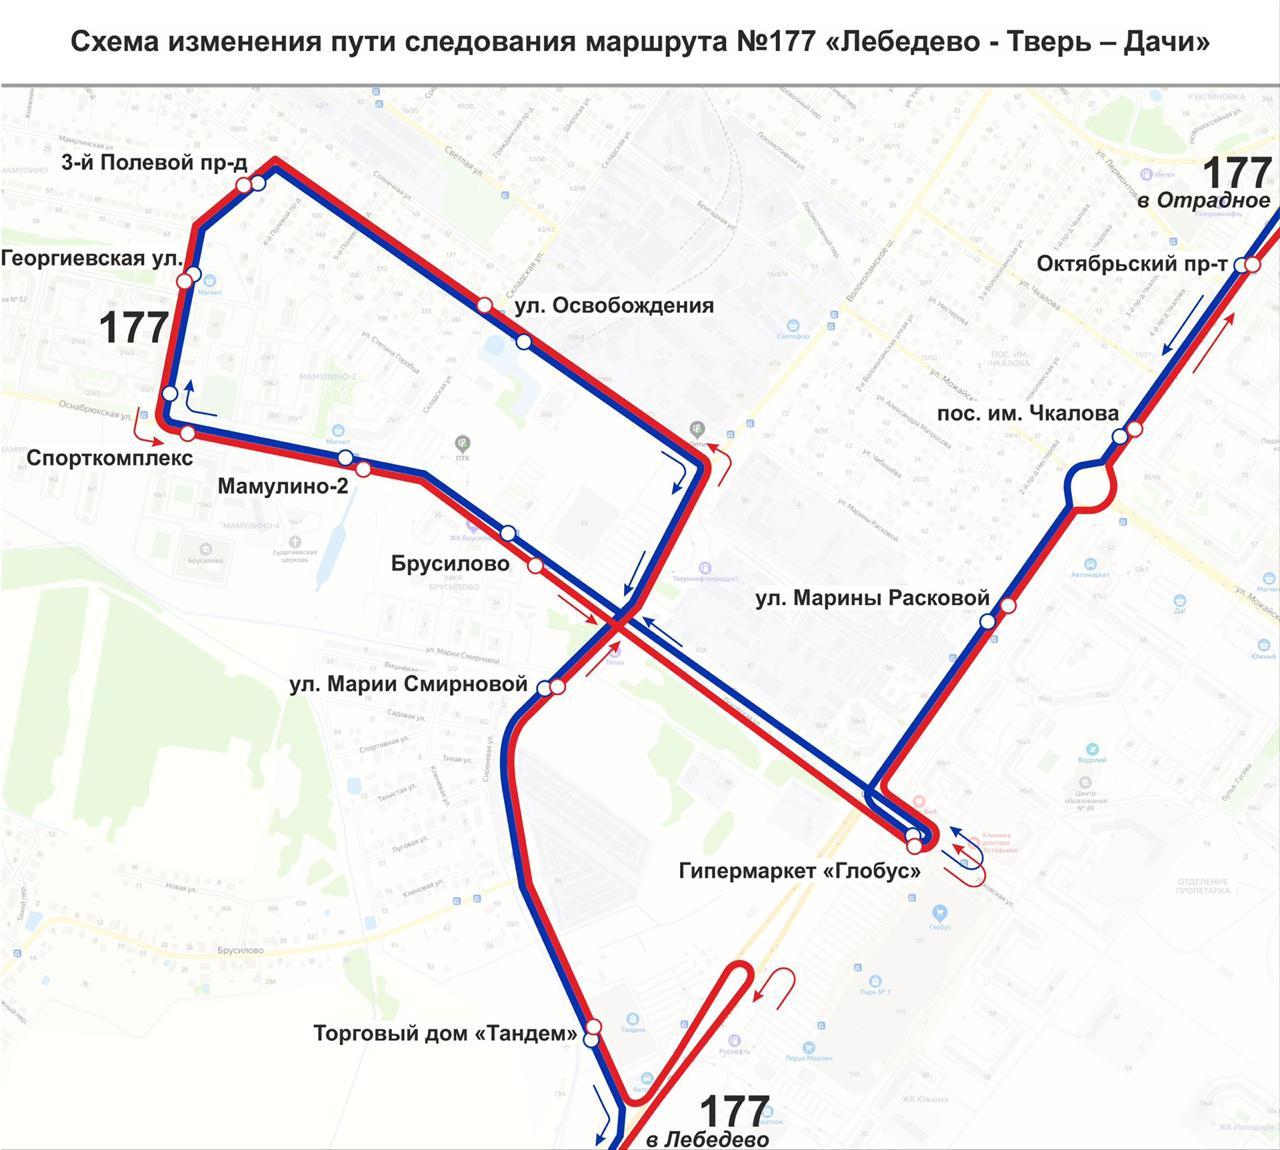 В Твери изменятся маршруты некоторых автобусов